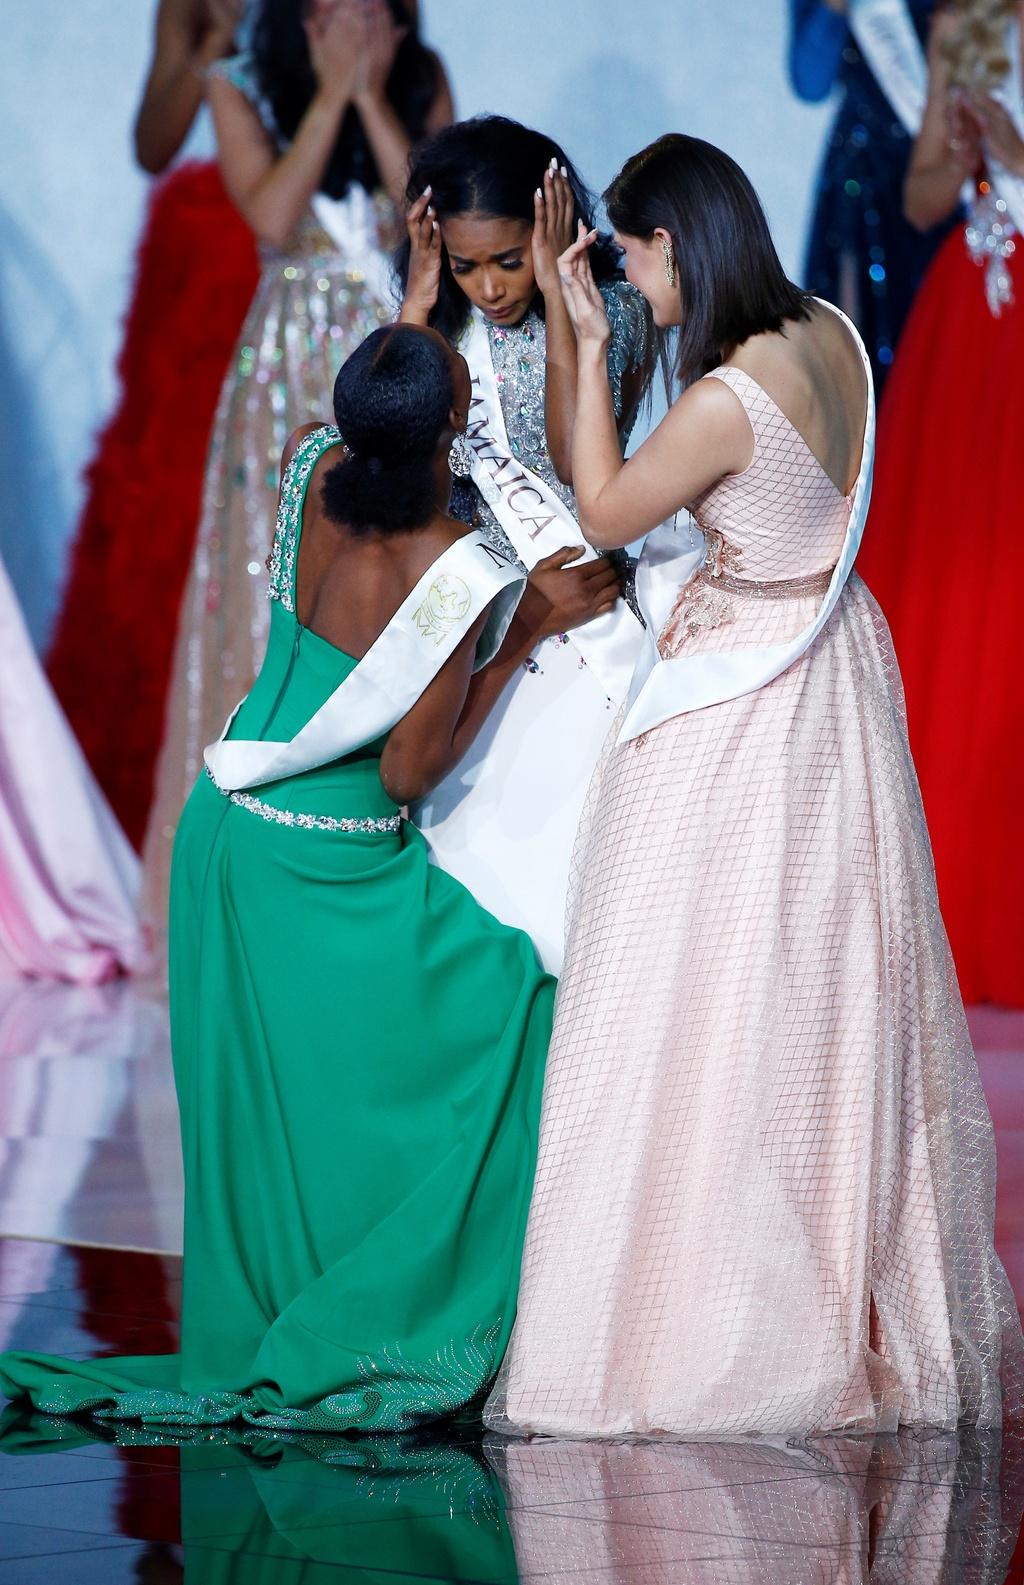 Nguoi dep Jamaica hoang mang khi dang quang Miss World 2019 hinh anh 5 2019-12-14T182144Z_1041494049_RC26VD9XY7MW_RTRMADP_3_BRITAIN-MISSWORLD.JPG